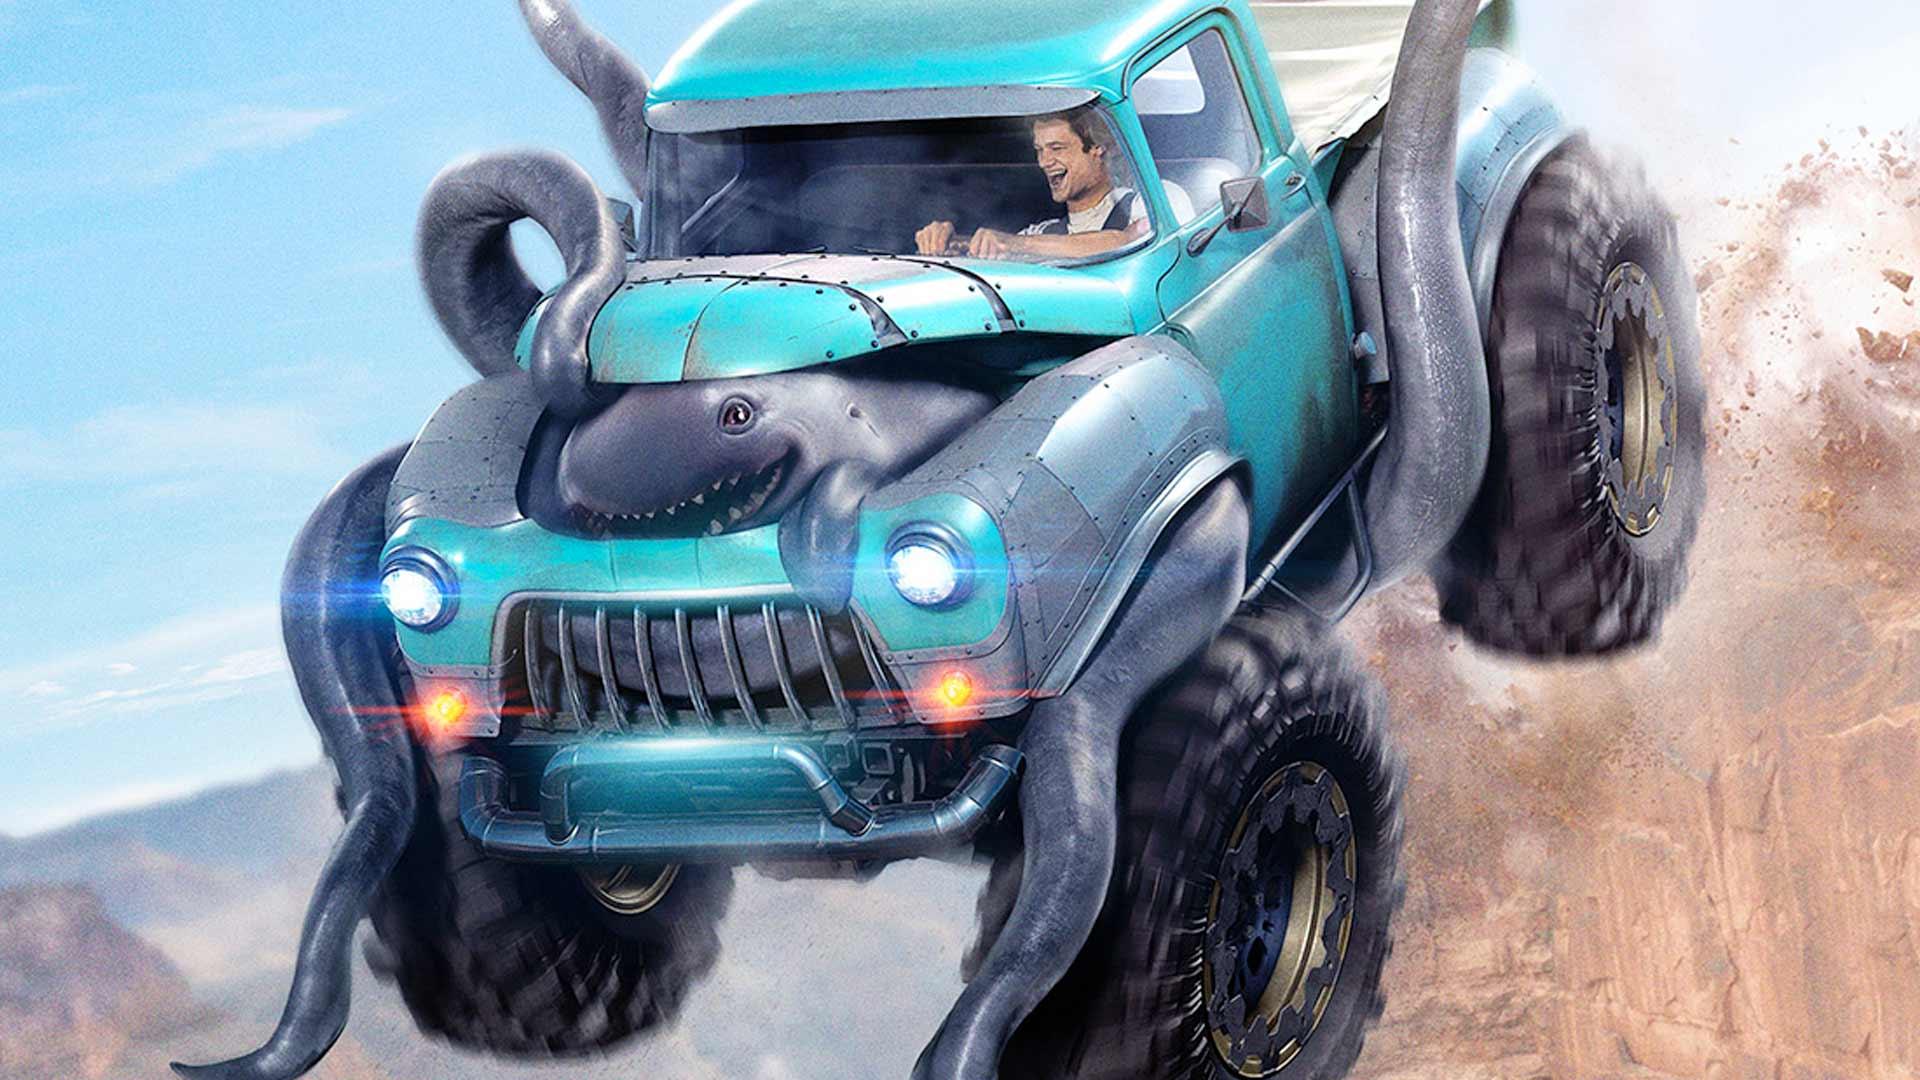 Image result for monster trucks